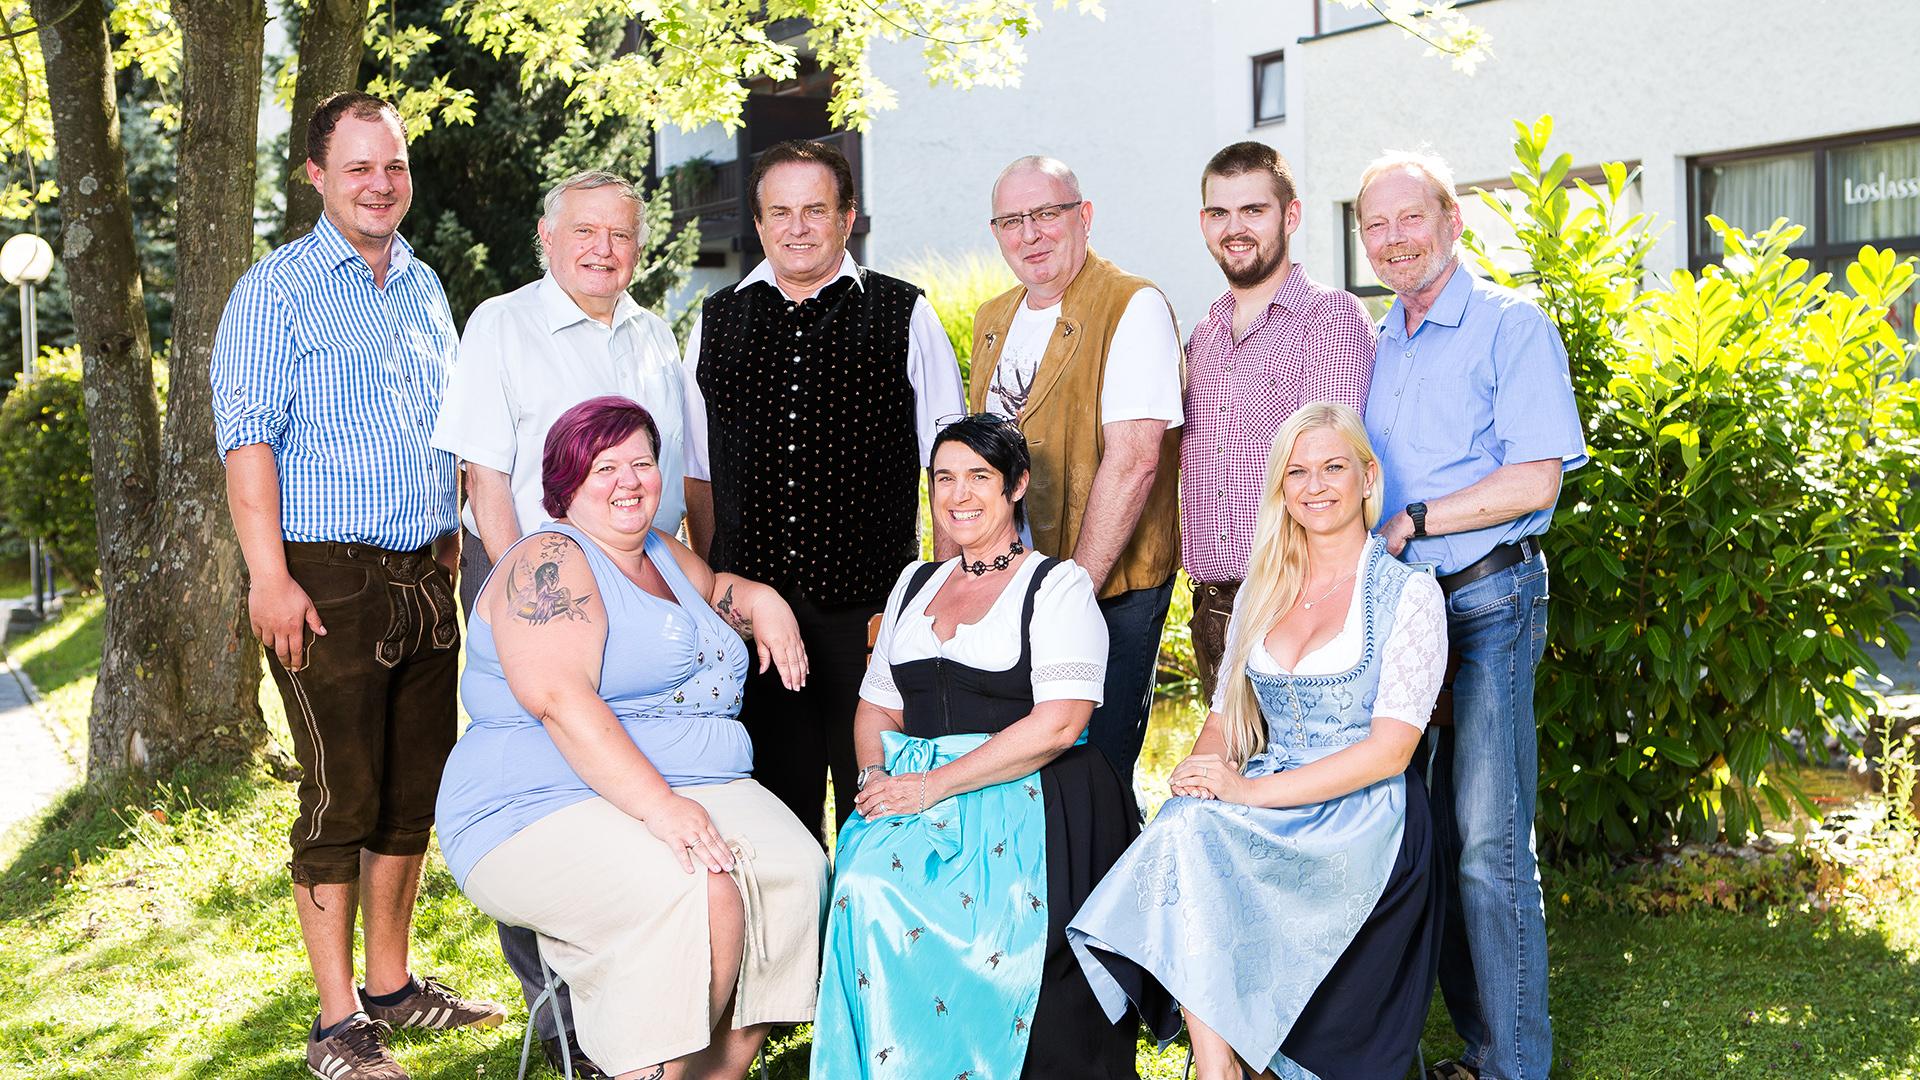 Team Fachklinik Sankt Lukas in Bad Griesbach